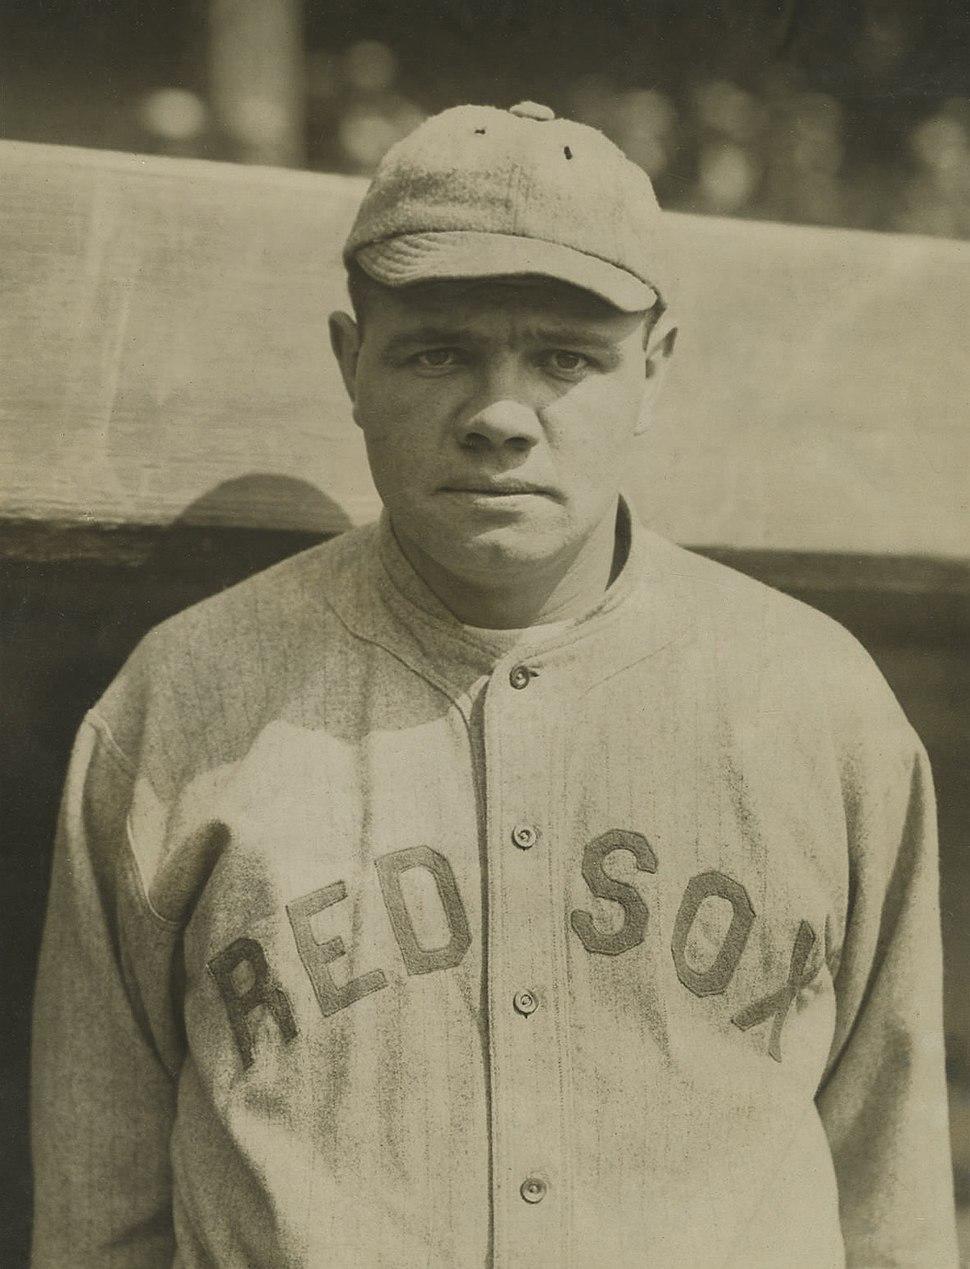 Babe Ruth Culver Service Photograph, 1916